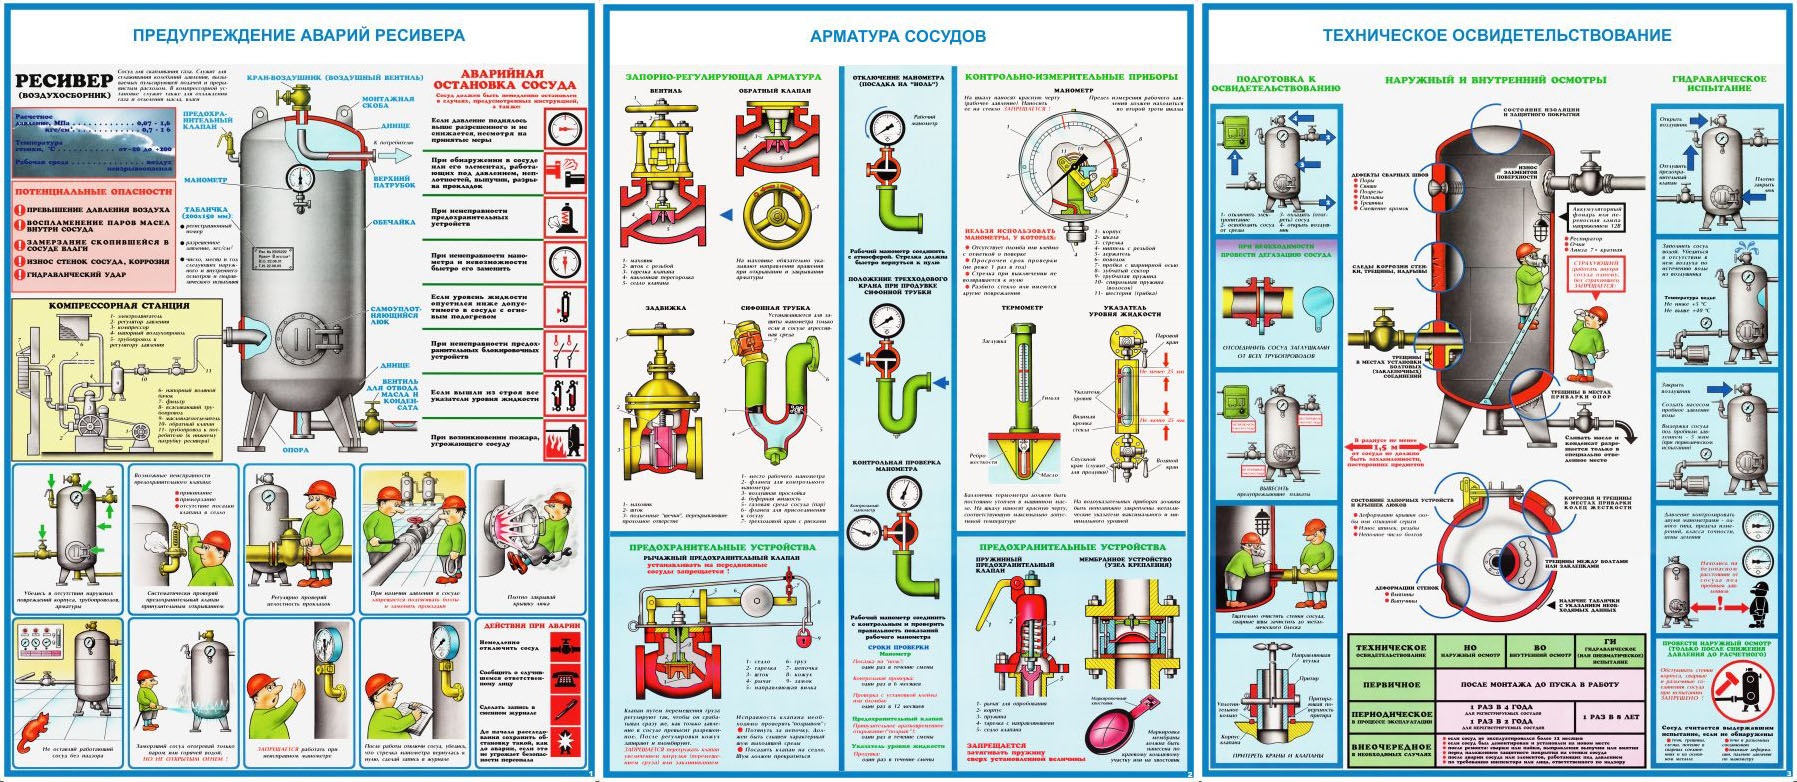 Гидравлическое испытание трубопроводов   пто